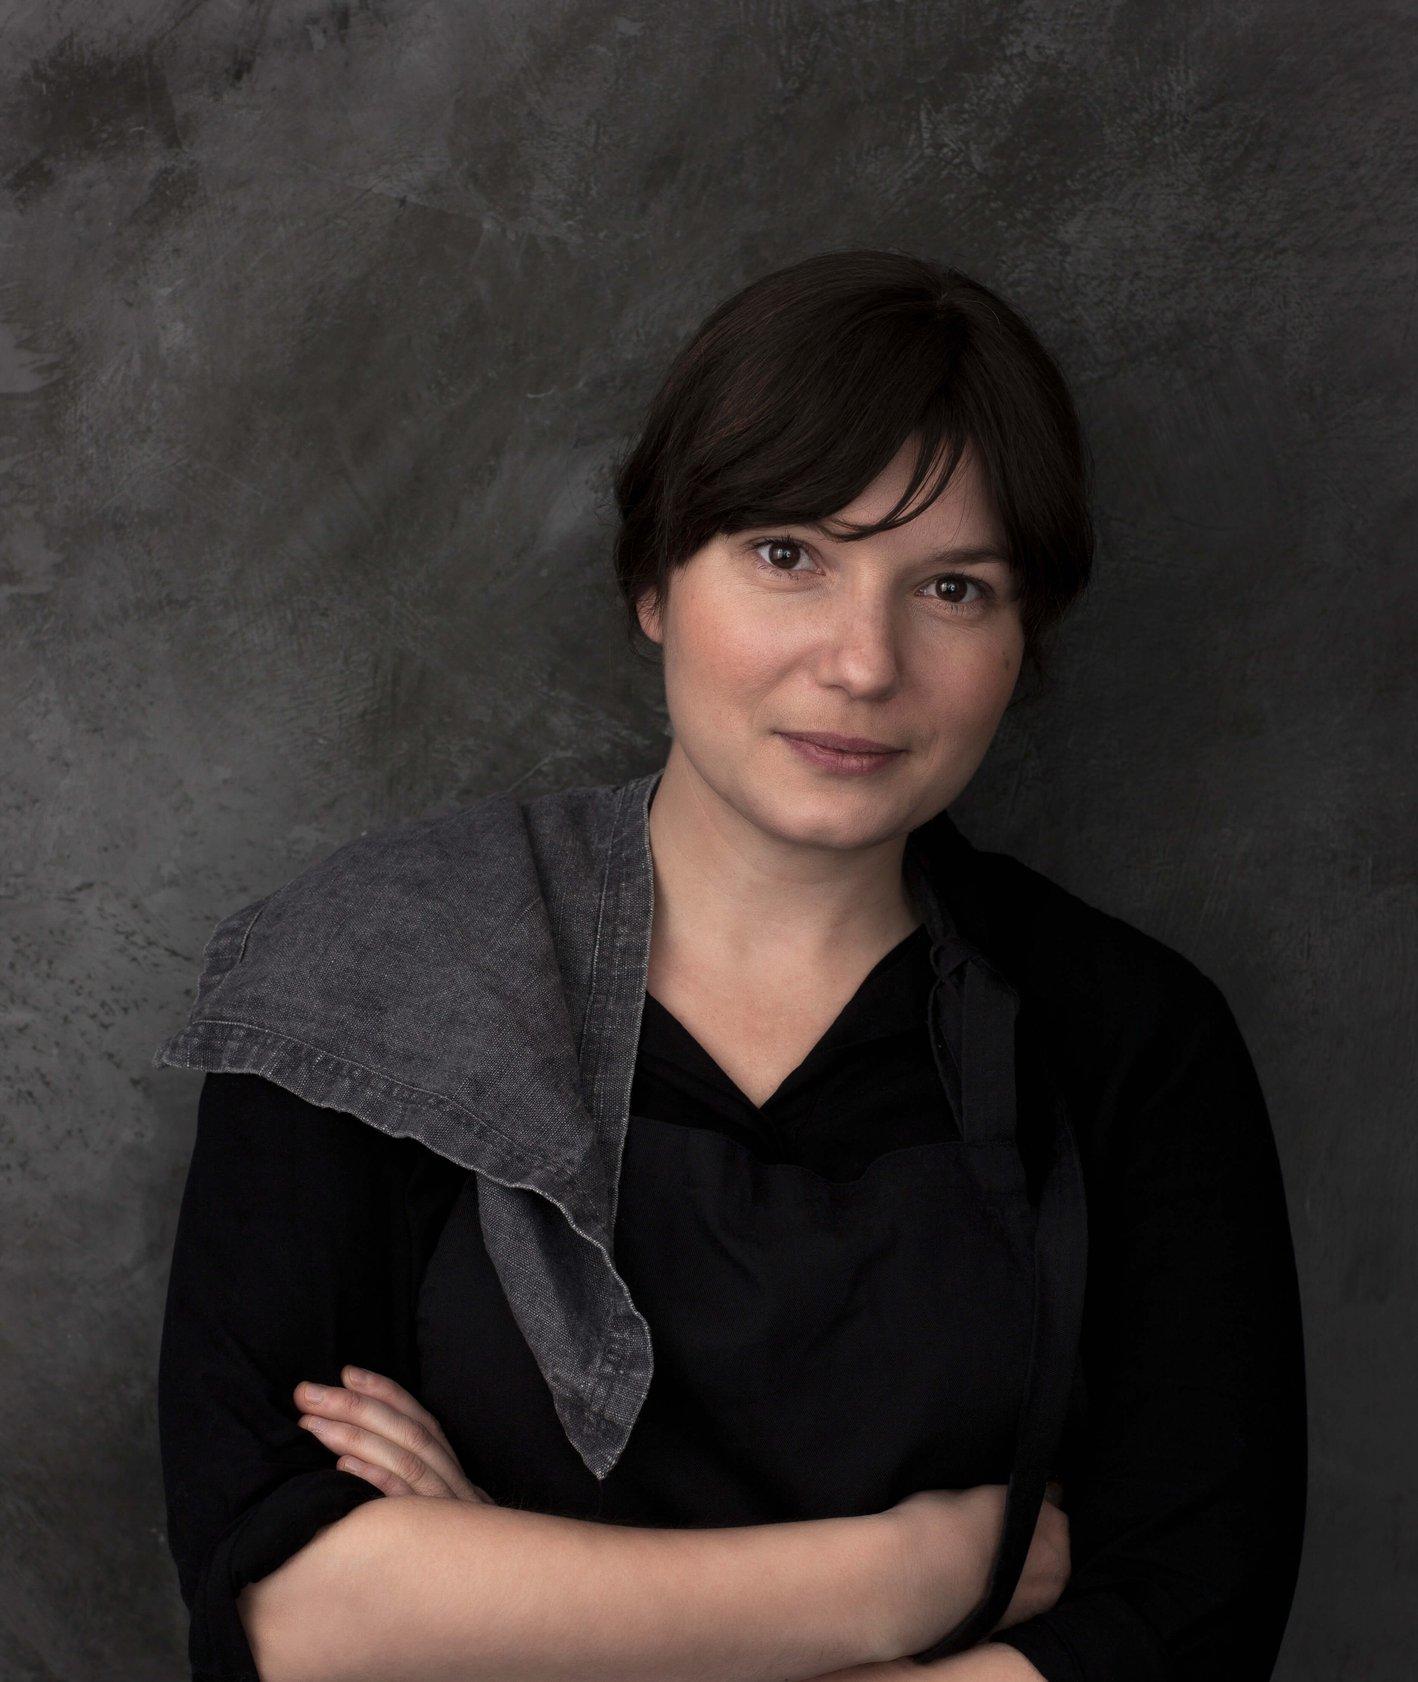 Zdjęcie Tove Nilsson, autorki książki poświęconej zupie ramen